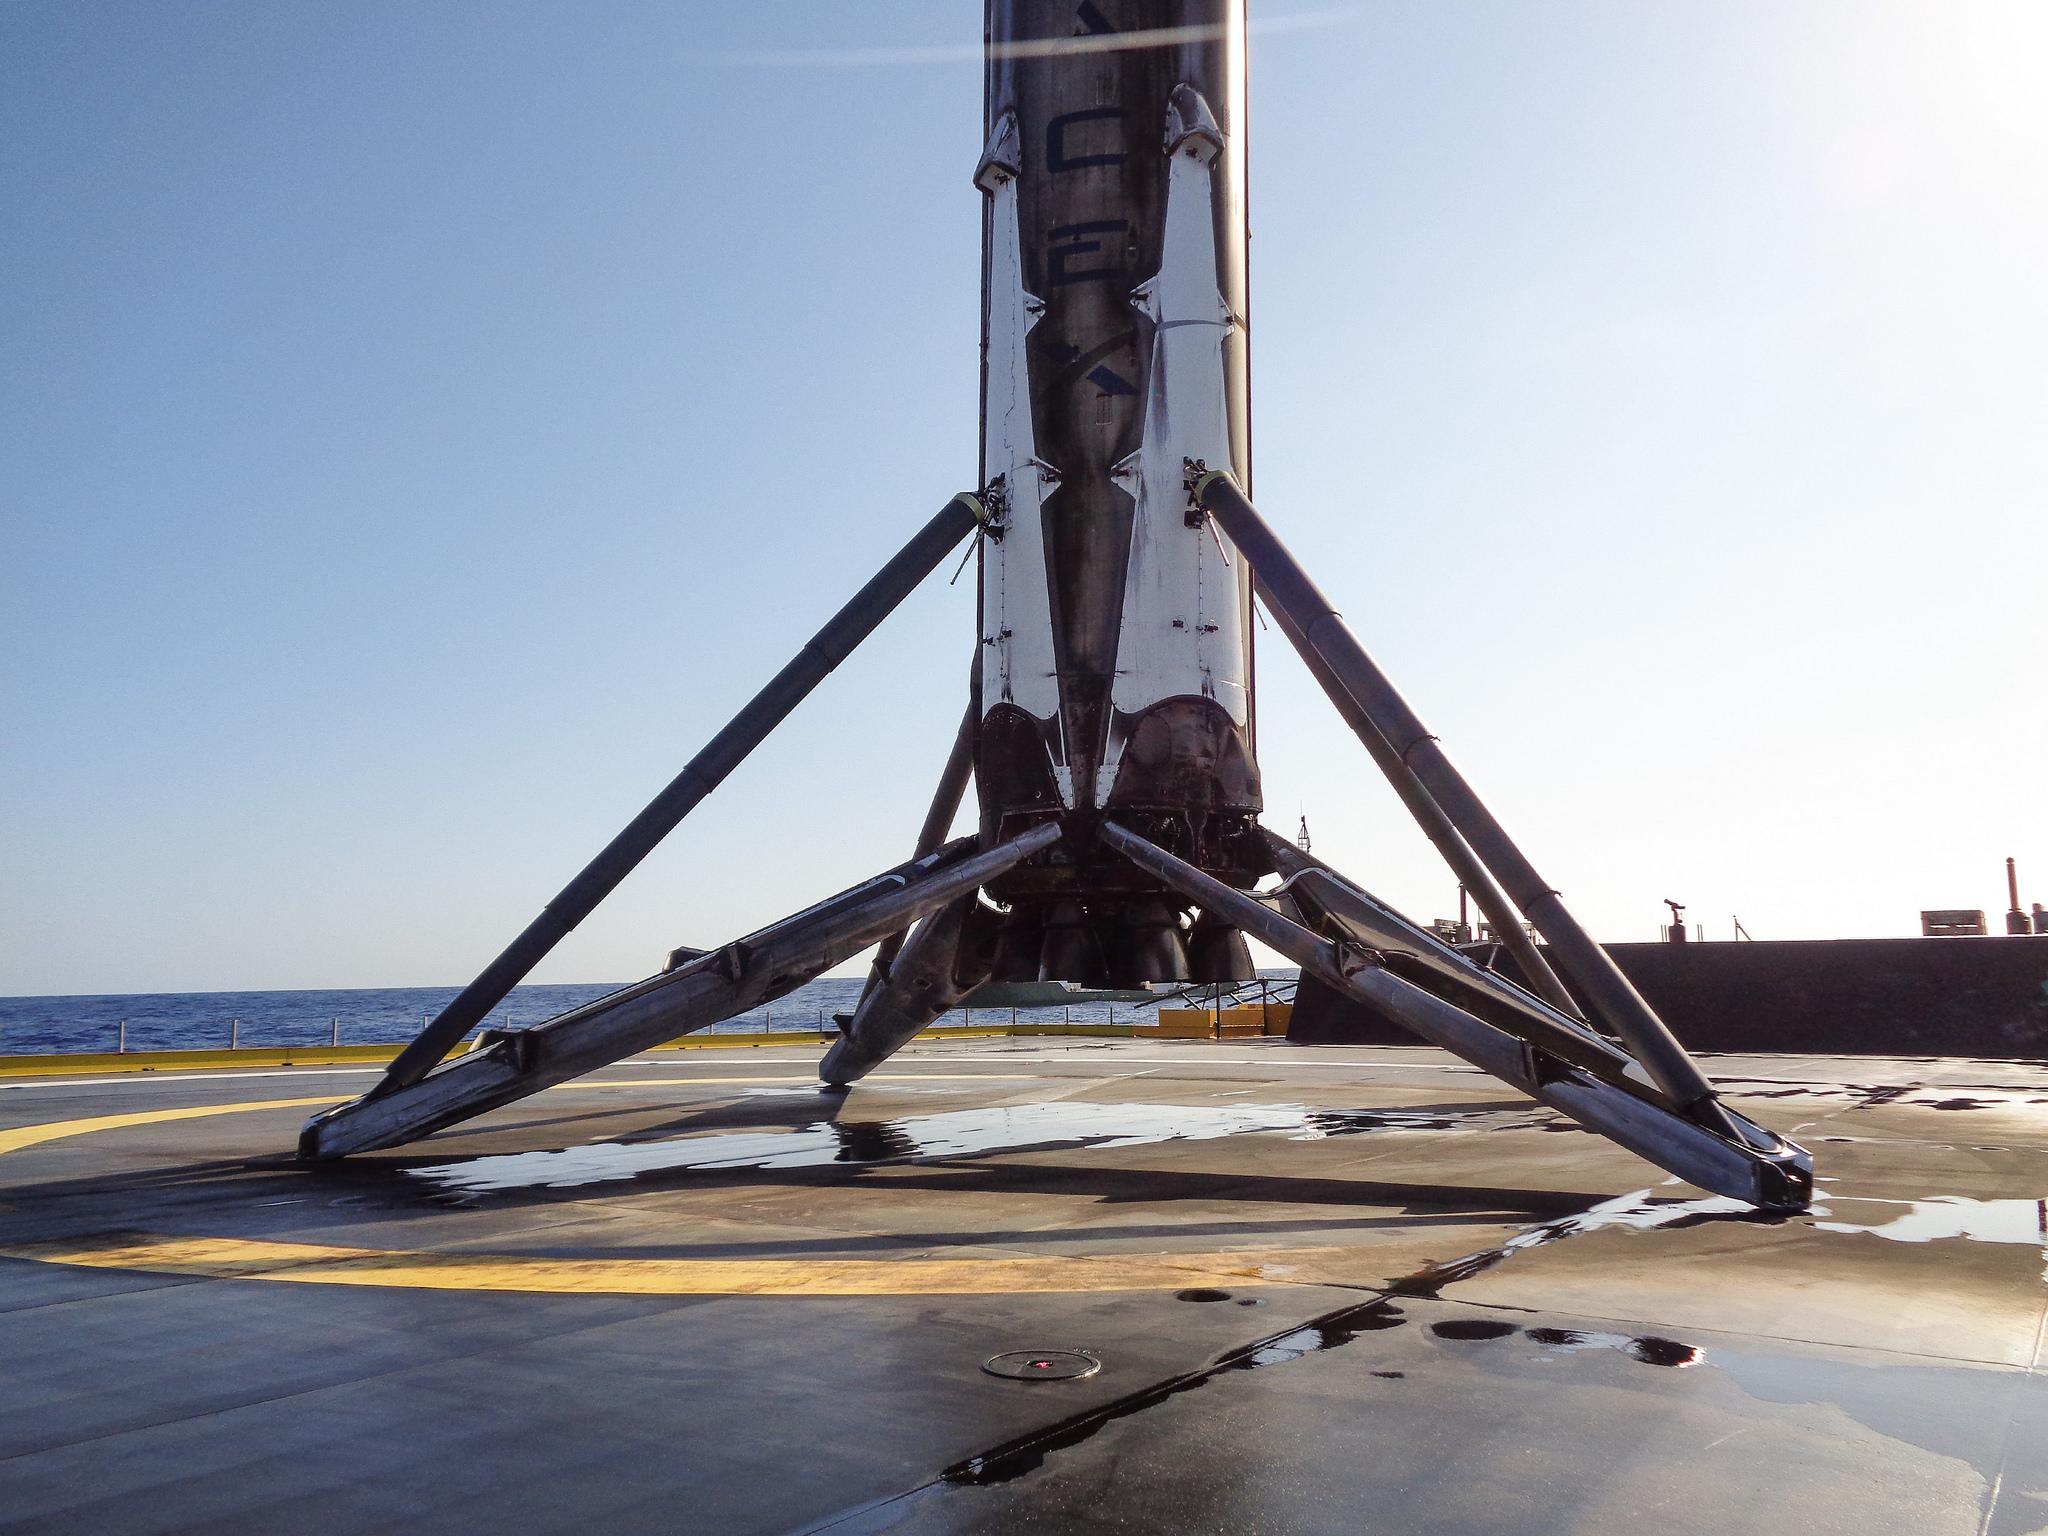 El cohete Falcon 9 sobre la plataforma marítima ubicada en el Océano Atlántico